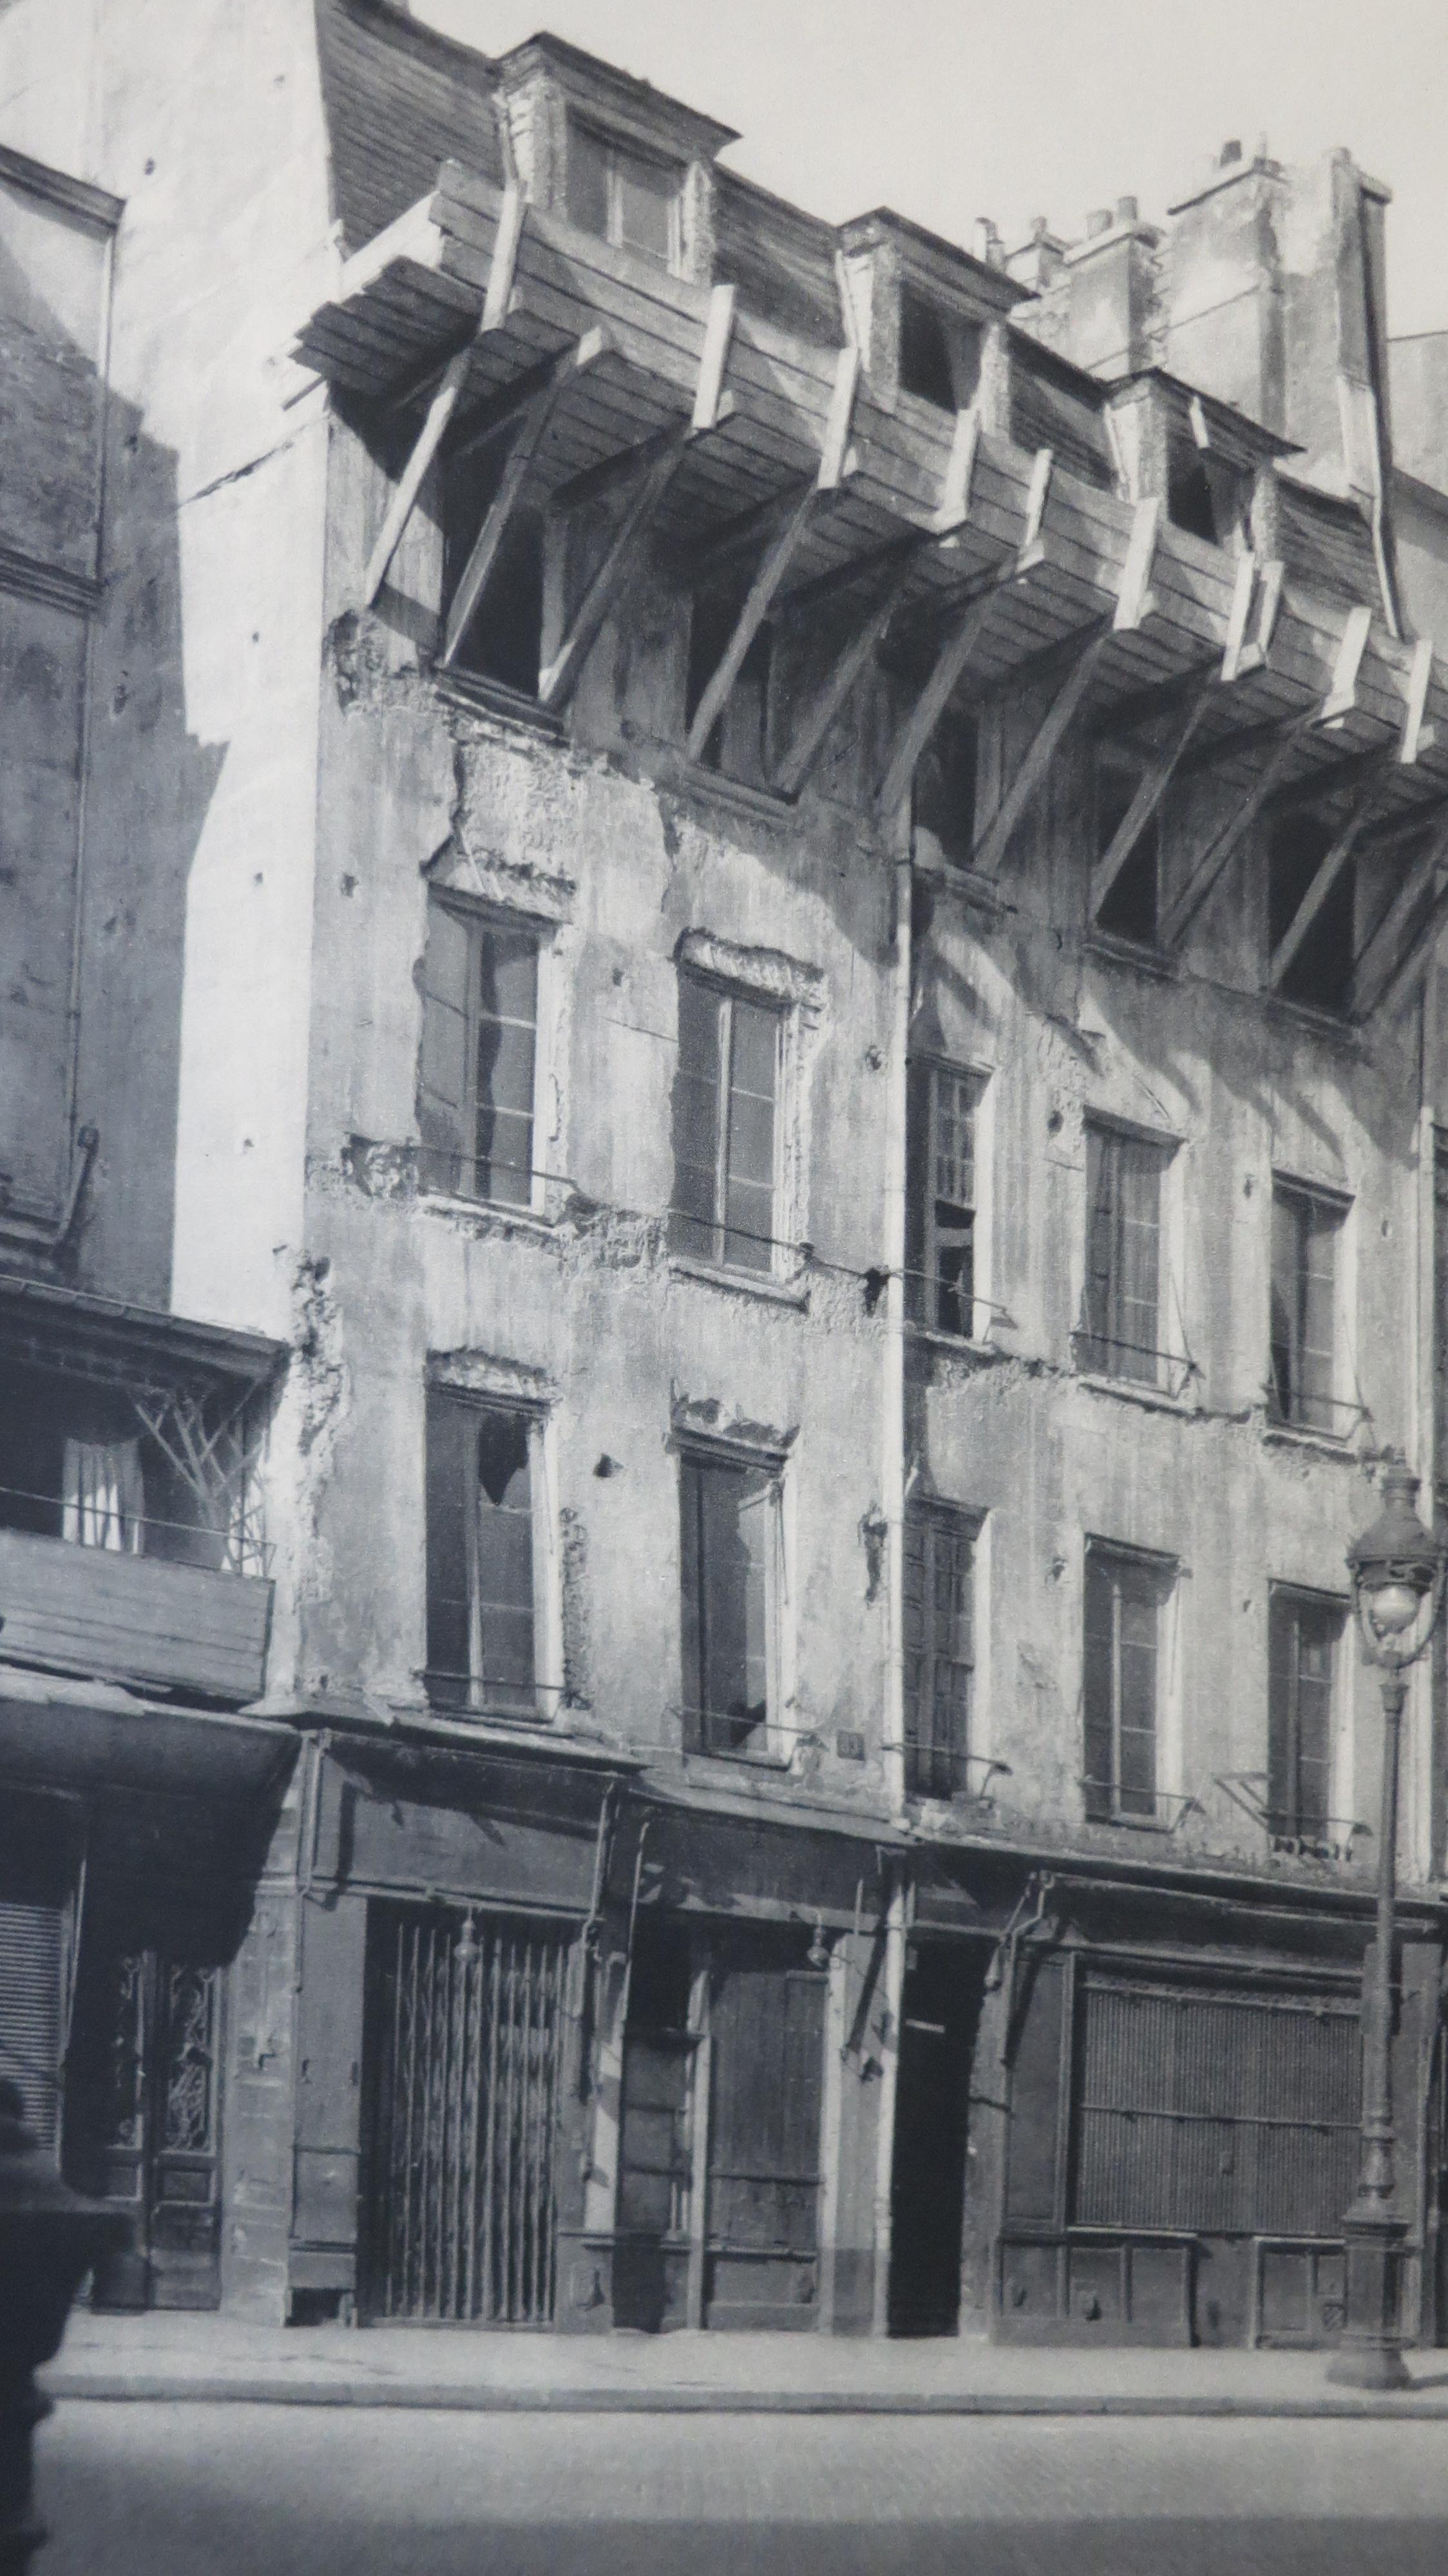 Les Ilots insalubres et glorieux de Paris